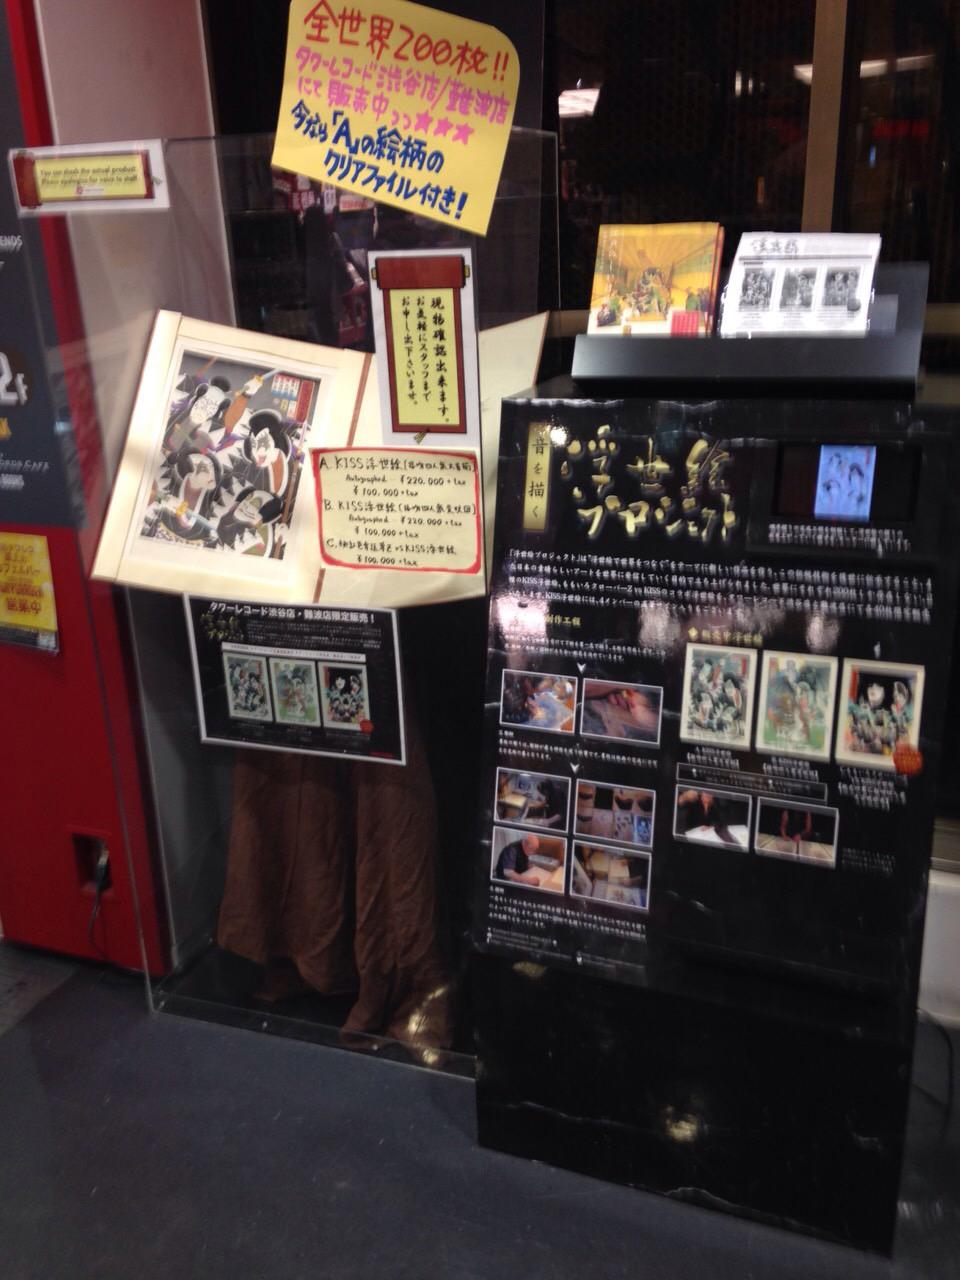 渋谷店の展示販売の様子